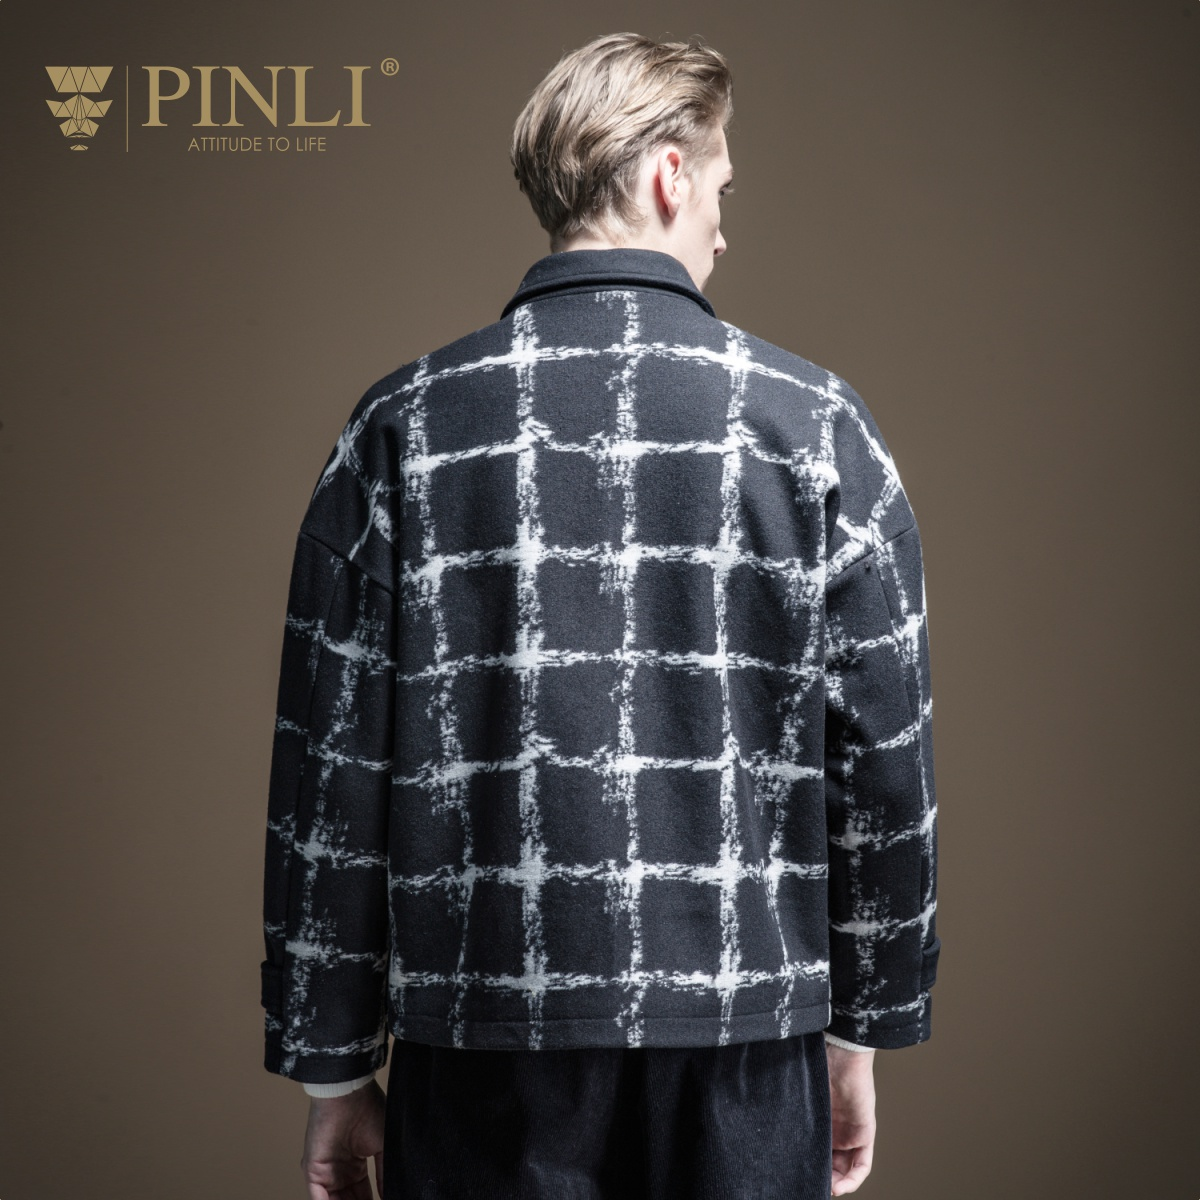 Palto completo Real hecho masculino breve párrafo 2019 otoño la nueva ropa de hombre abrigo de tela celosía ovejas de felpa solapas B193502351 - 3